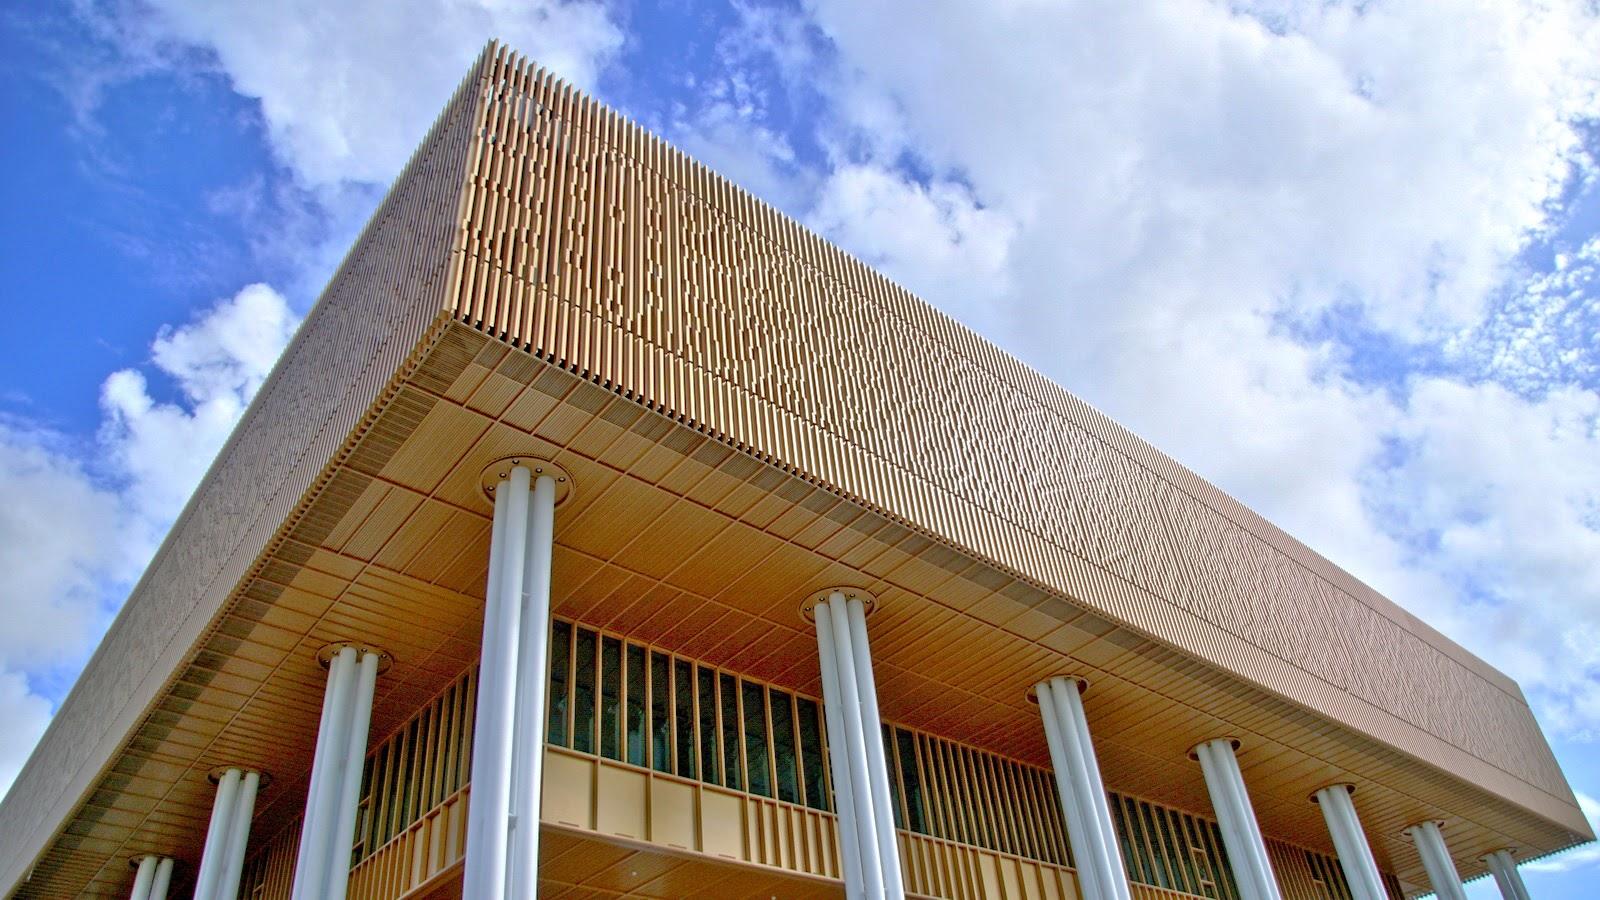 台南市立圖書館—新總館|閃耀淡金色格柵吸引目光|2020年底開幕